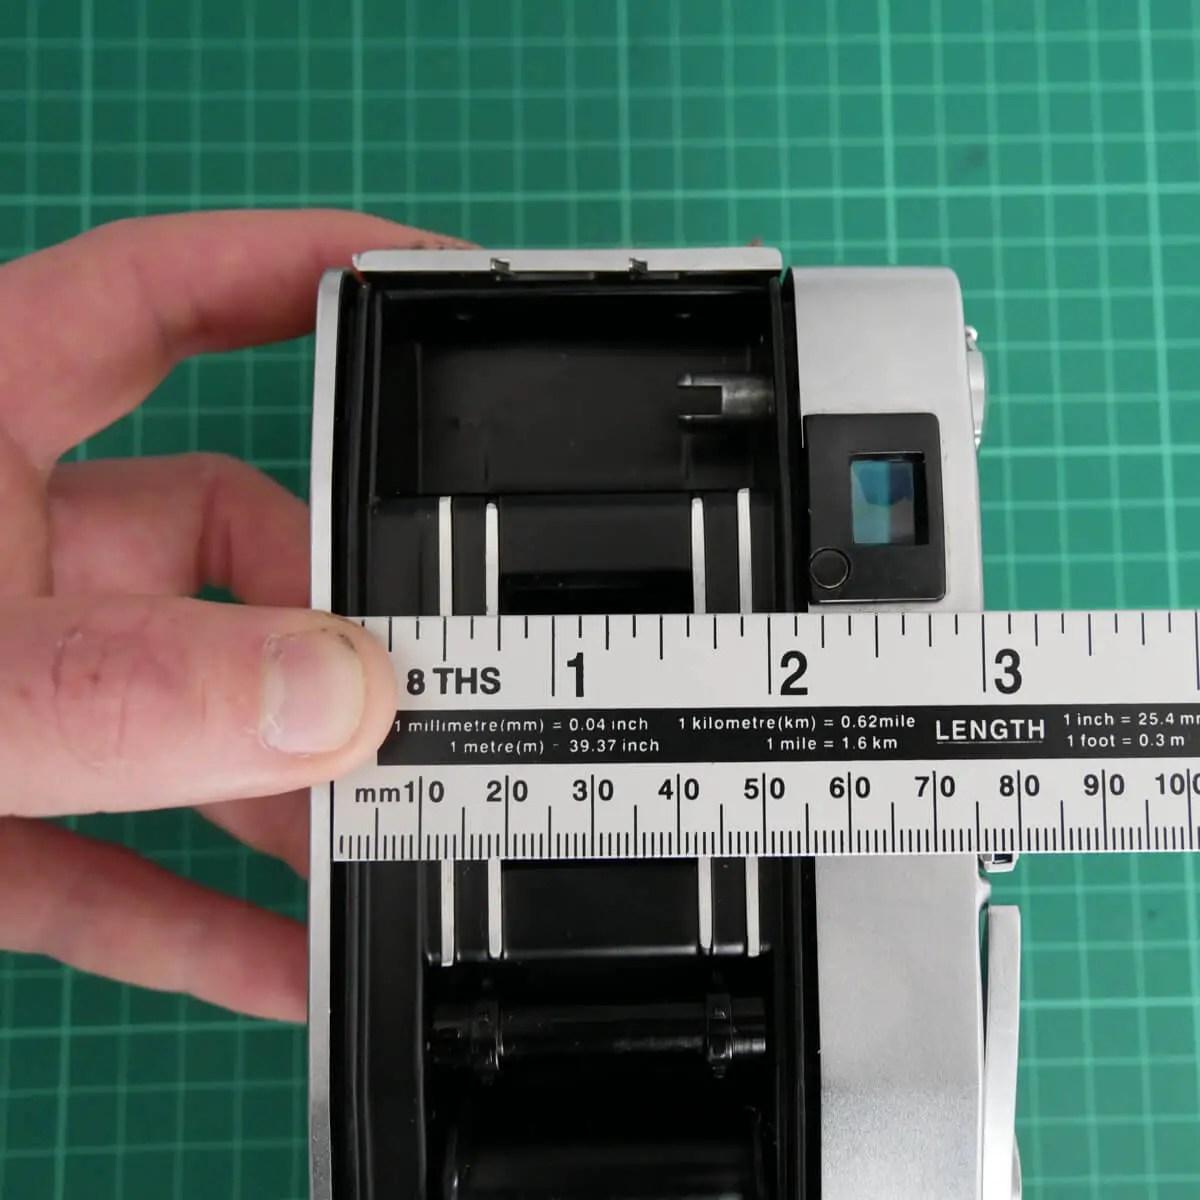 Camera Measurement - Fujifilm Instax Mini in a 35mm camera